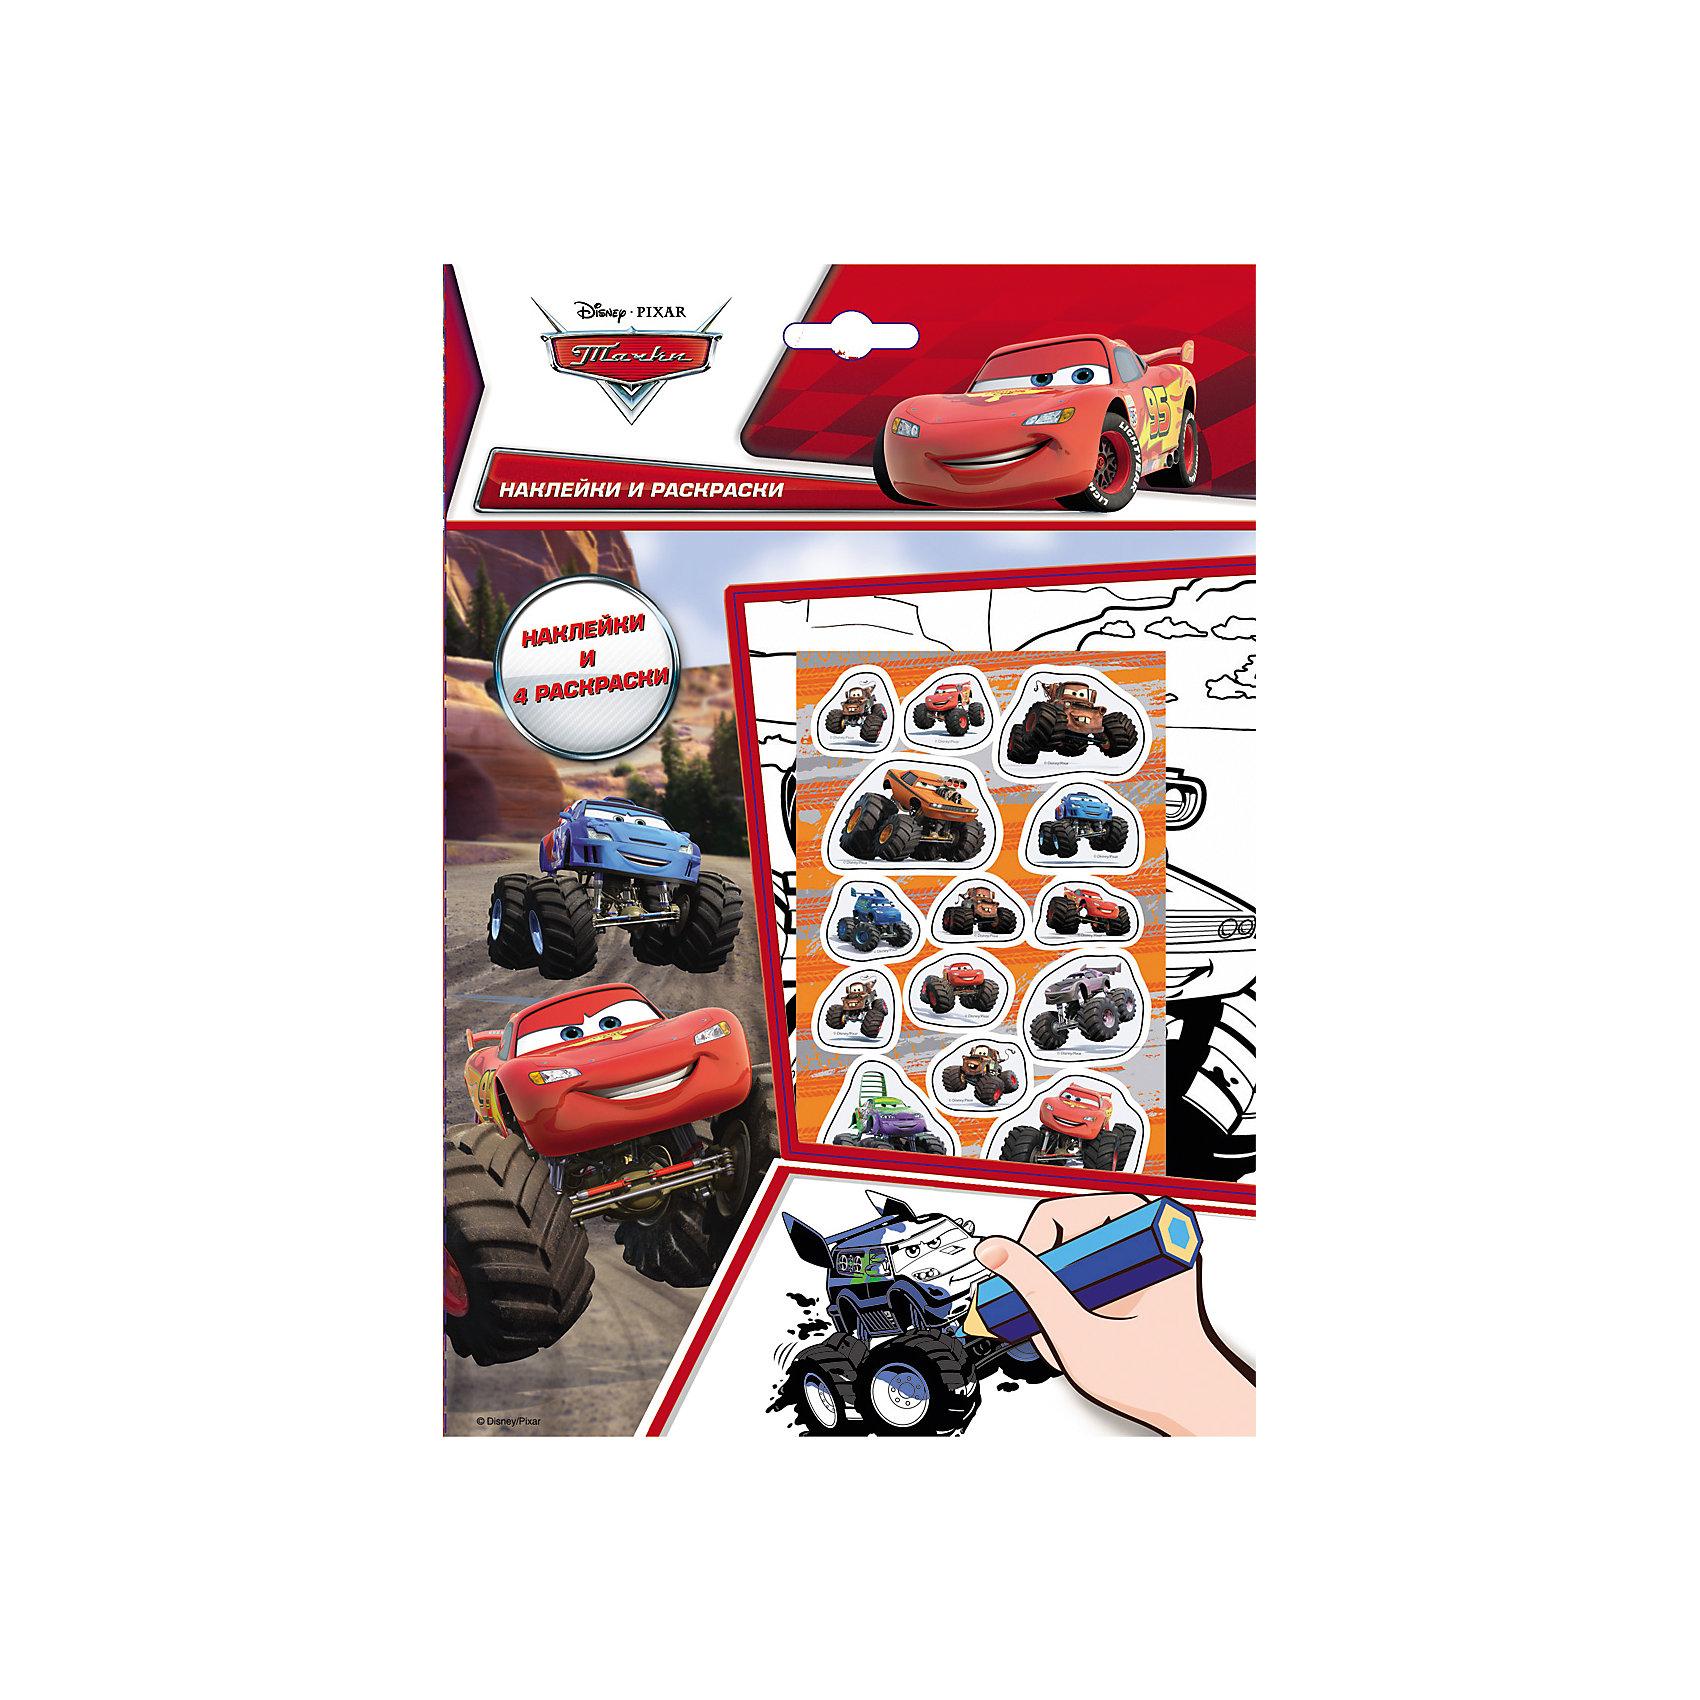 Тачки. Наклейки и раскраски Большие Колеса, DisneyТачки. Наклейки и раскраски Большие Колеса, Disney (Дисней) – это лучший подарок любому мальчику поклоннику мультфильма Тачки (Cars).<br>Набор листов для раскрашивания с веселыми наклейками! Вашему ребенку понравится раскрашивать картинки, а наклейками можно украсить свои рисунки. Наклейки выполнены из высококачественного полимерного материала и отличаются высоким качеством.<br><br>Дополнительная информация:<br><br>- В наборе: наклейки, 4 раскраски<br>- Издательство: Росмэн<br>- Серия: Наклейки и раскраски<br>- Переплет: мягкий переплет<br>- Размер: 260 х 180 x 2 мм.<br>- Вес: 40 г<br>- Страниц: 10<br><br>Раскраску Тачки. Наклейки и раскраски Большие Колеса, Disney (Дисней) можно купить в нашем интернет-магазине.<br><br>Внимание! В соответствии с Постановлением Правительства Российской Федерации от 19.01.1998 № 55, непродовольственные товары надлежащего качества нижеследующих категорий не подлежат возврату и обмену: непериодические издания (книги, брошюры, альбомы, картографические и нотные издания, листовые изоиздания, календари, буклеты, открытки, издания, воспроизведенные на технических носителях информации).<br><br>Ширина мм: 260<br>Глубина мм: 180<br>Высота мм: 2<br>Вес г: 40<br>Возраст от месяцев: 36<br>Возраст до месяцев: 96<br>Пол: Мужской<br>Возраст: Детский<br>SKU: 3998154